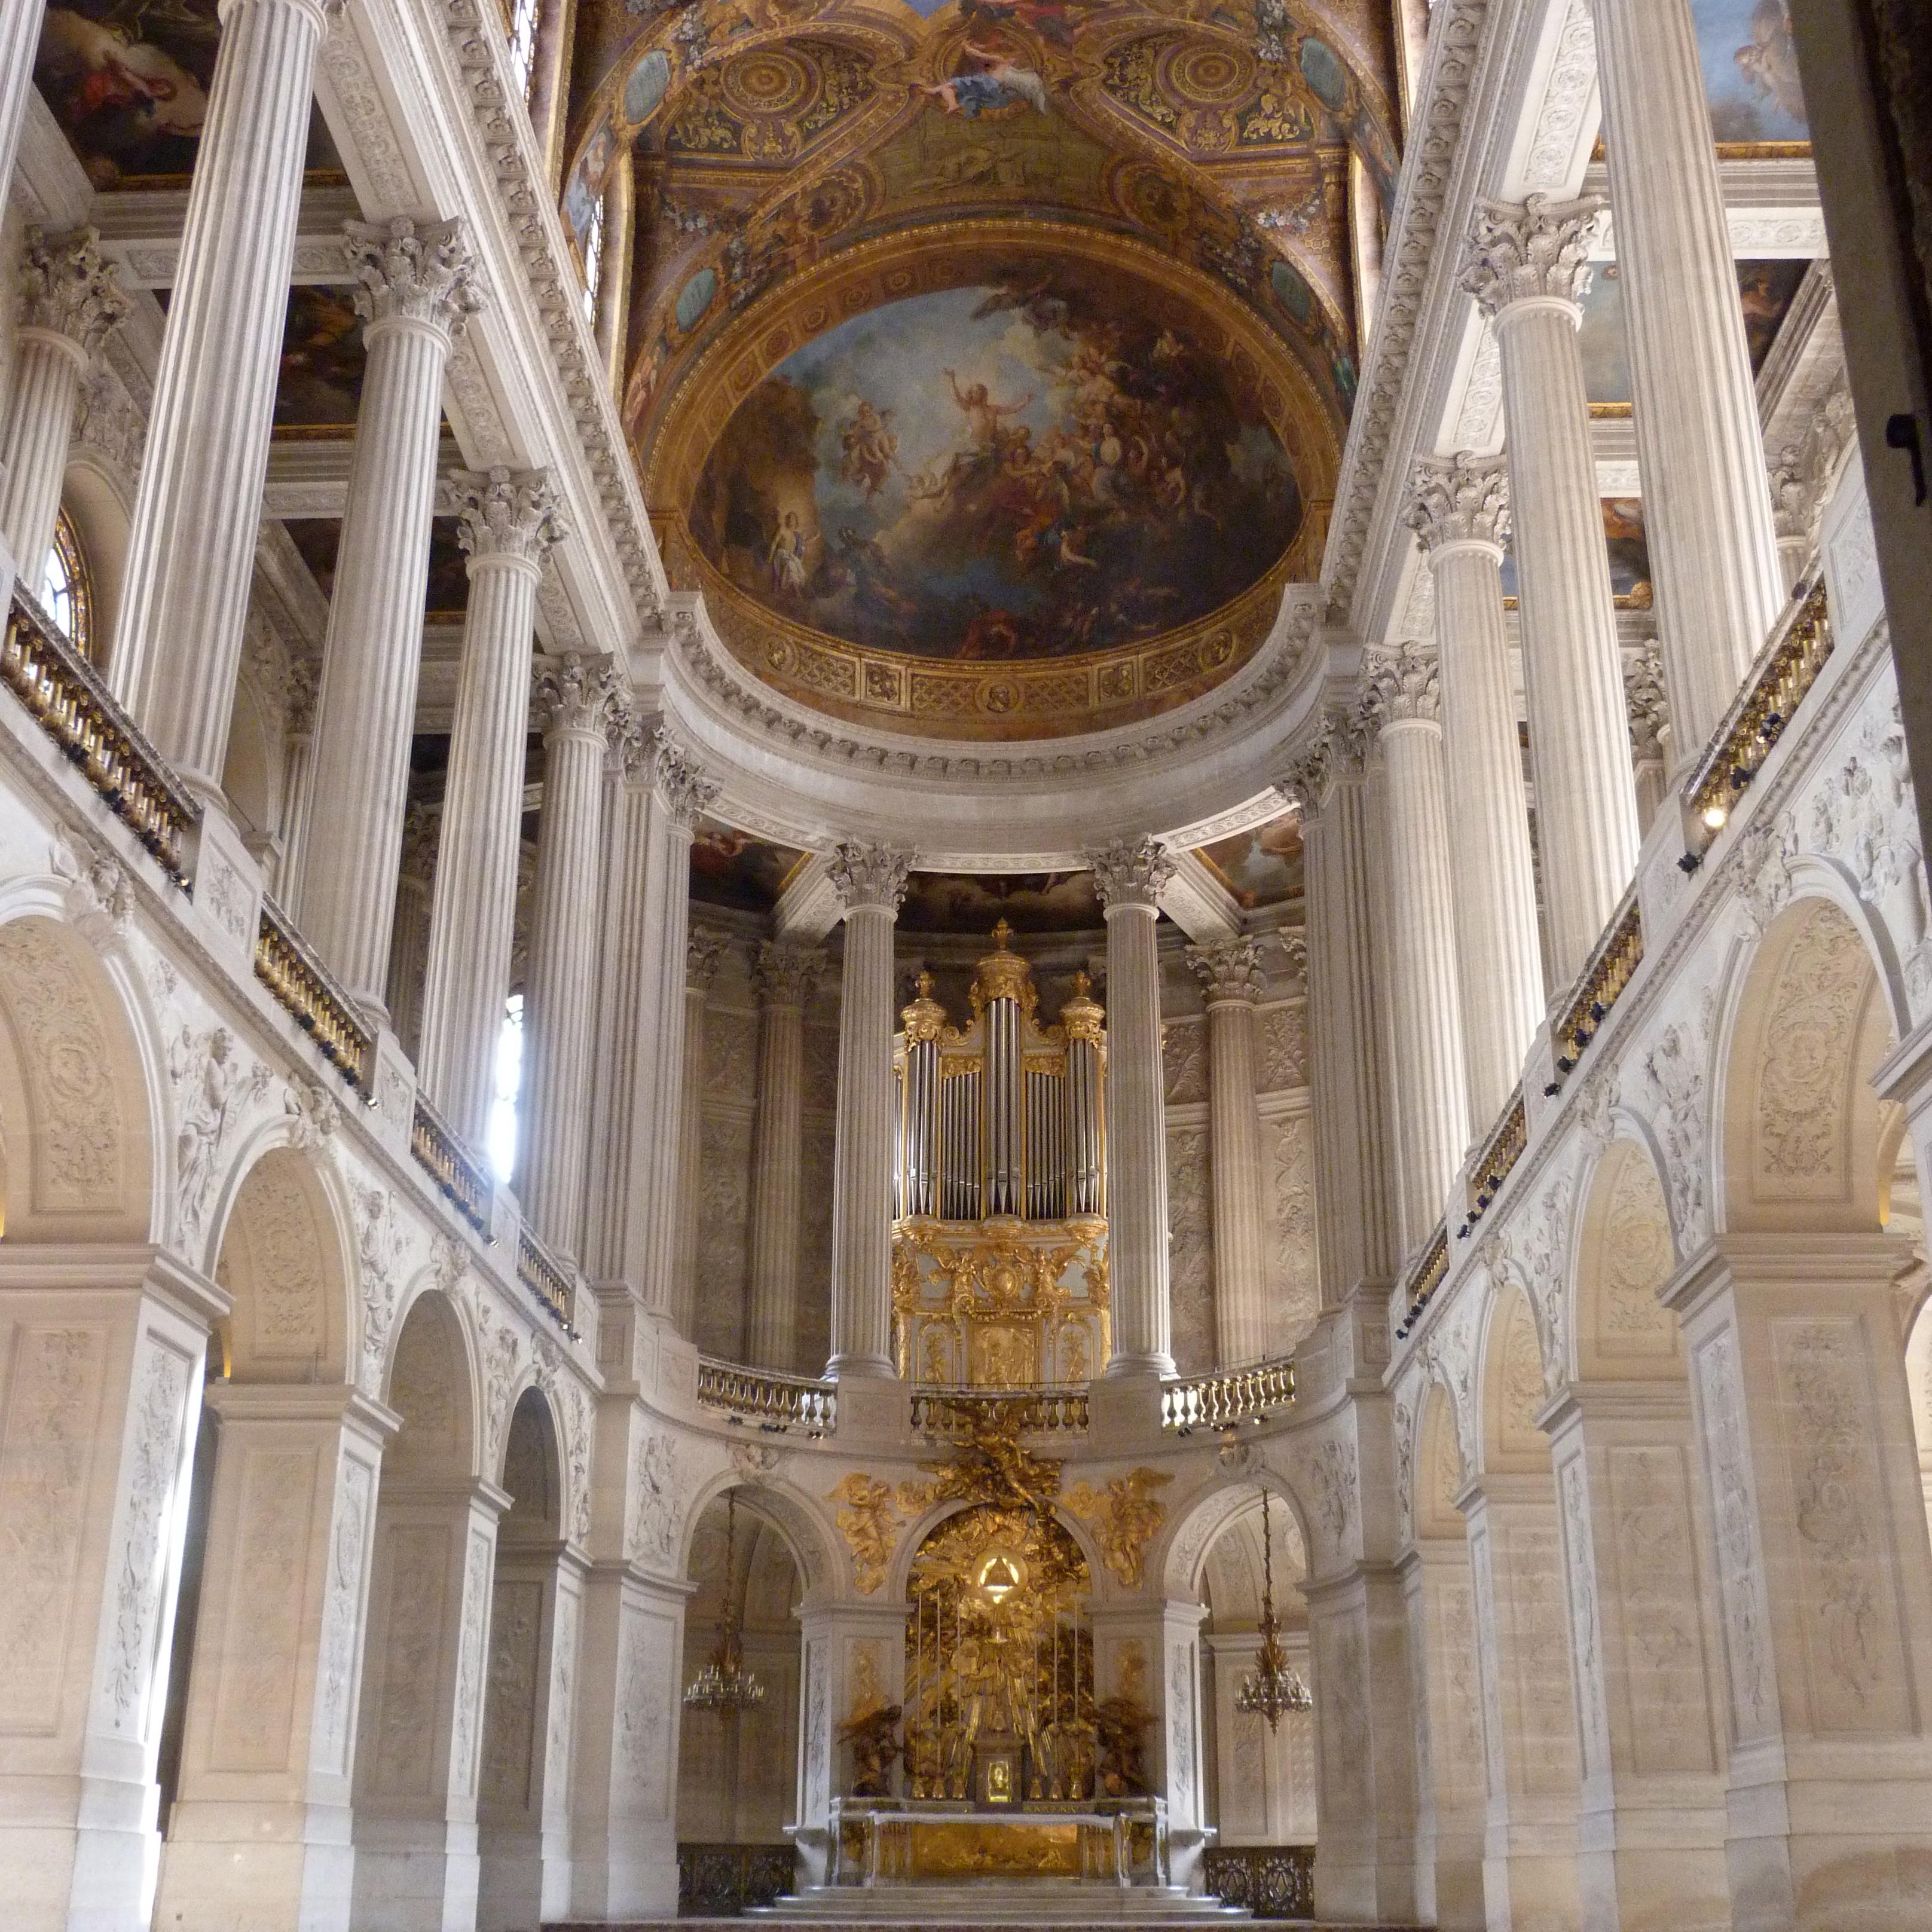 Paris Apartments Versailles: Paris Museum Series: Chateau De Versailles « Meowthmoments